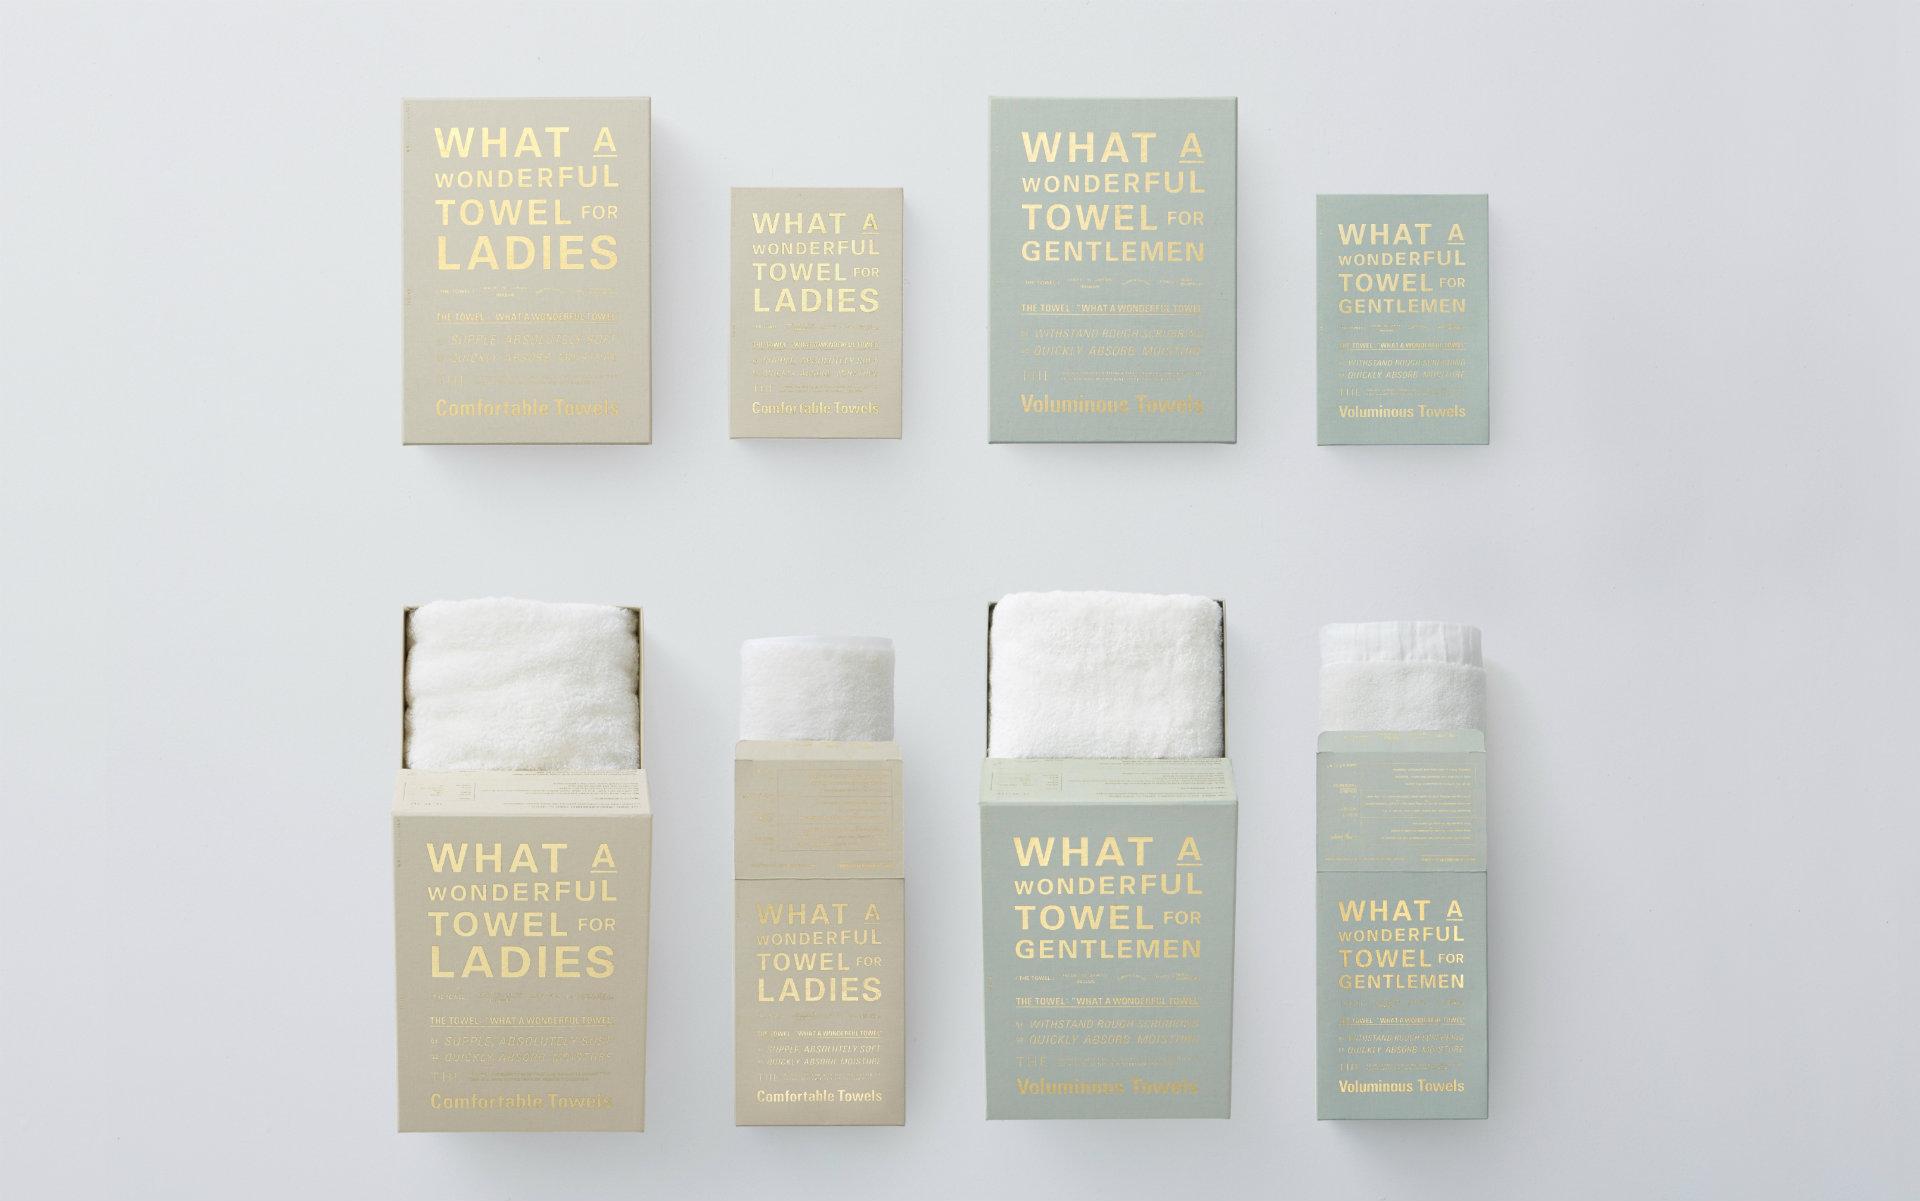 こちらは男女それぞれの使い心地の良さを追求した「THE TOWEL for LADIES/GENTRMEN」。箱入りで贈り物にもぴったり